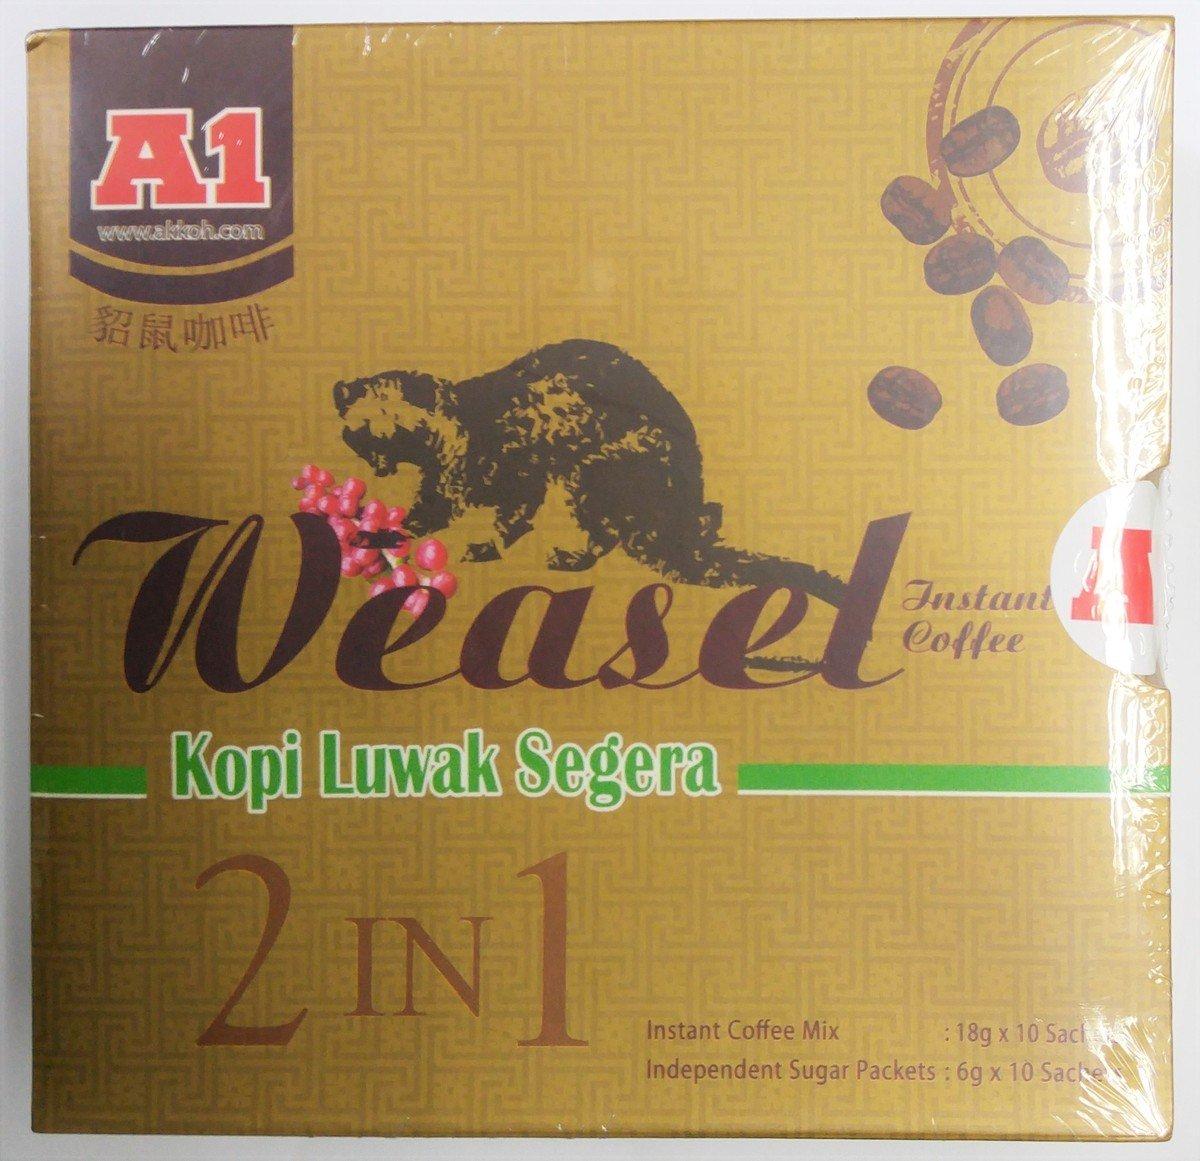 A1 即沖貂鼠咖啡, 180克(18克 x 10條), 附帶獨立糖包 (6克 x 10條)